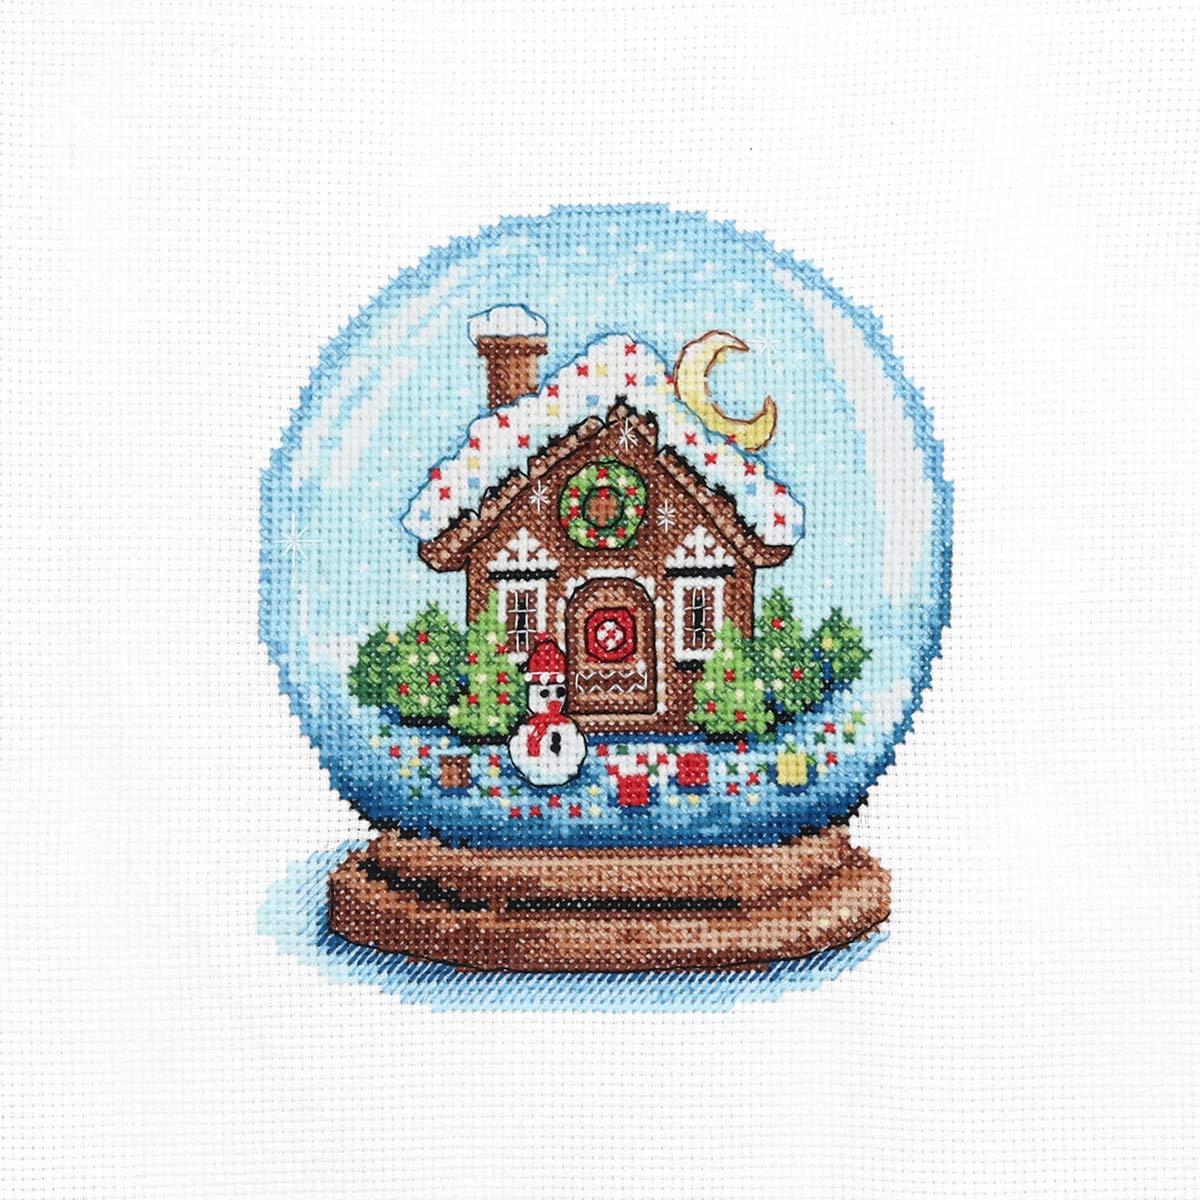 975 Набор для вышивания Hobby&Pro «Пряничный теремок» 11*13 см